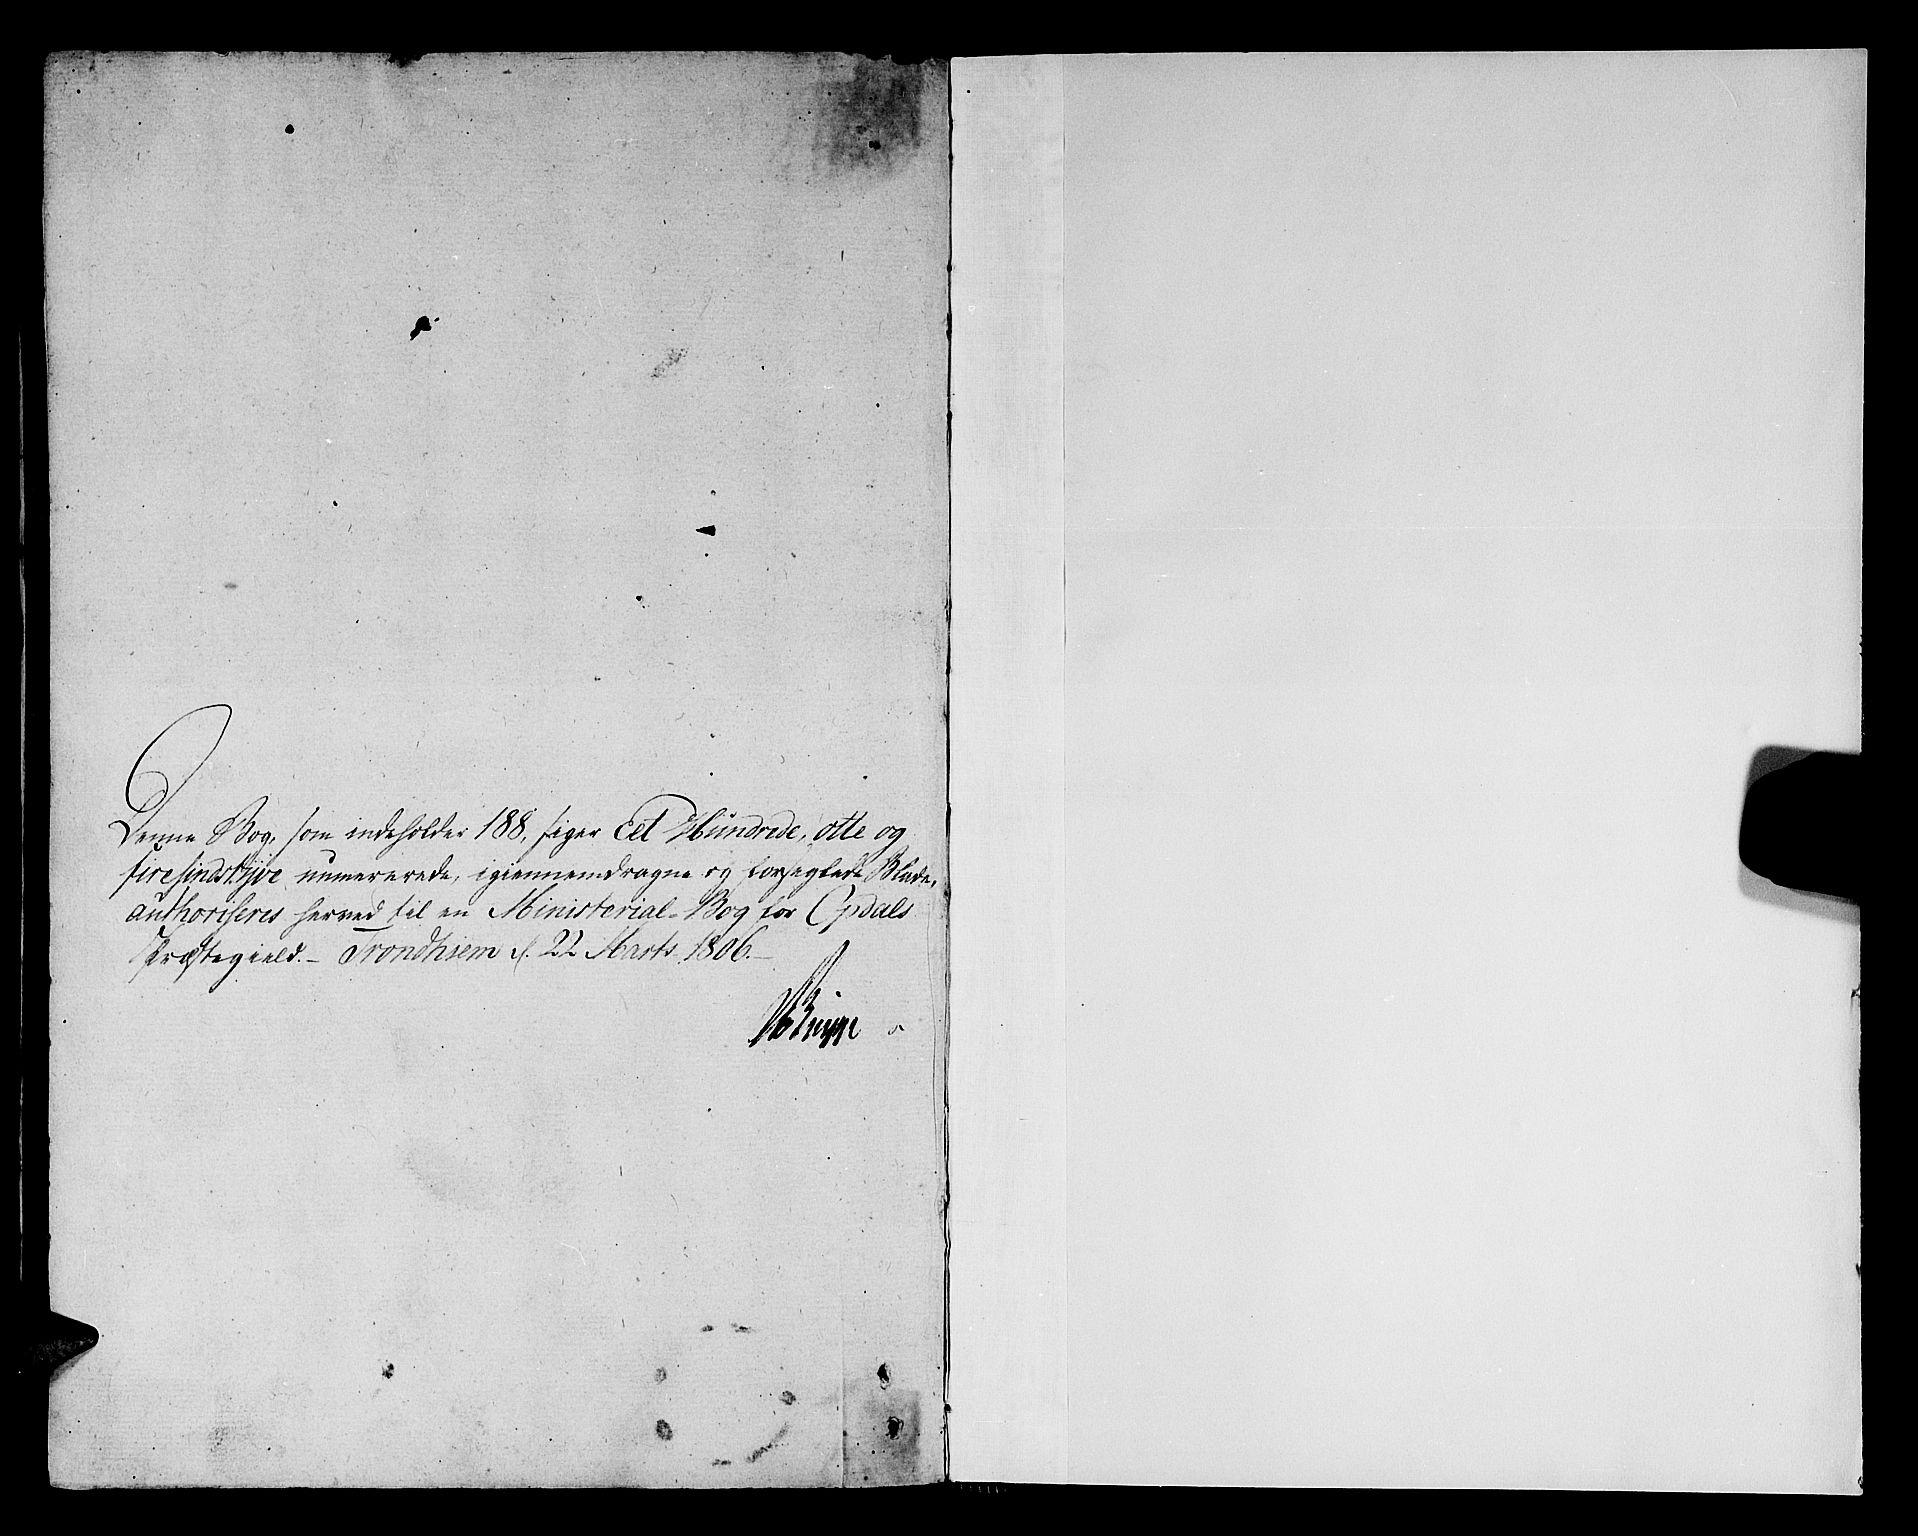 SAT, Ministerialprotokoller, klokkerbøker og fødselsregistre - Sør-Trøndelag, 678/L0894: Ministerialbok nr. 678A04, 1806-1815